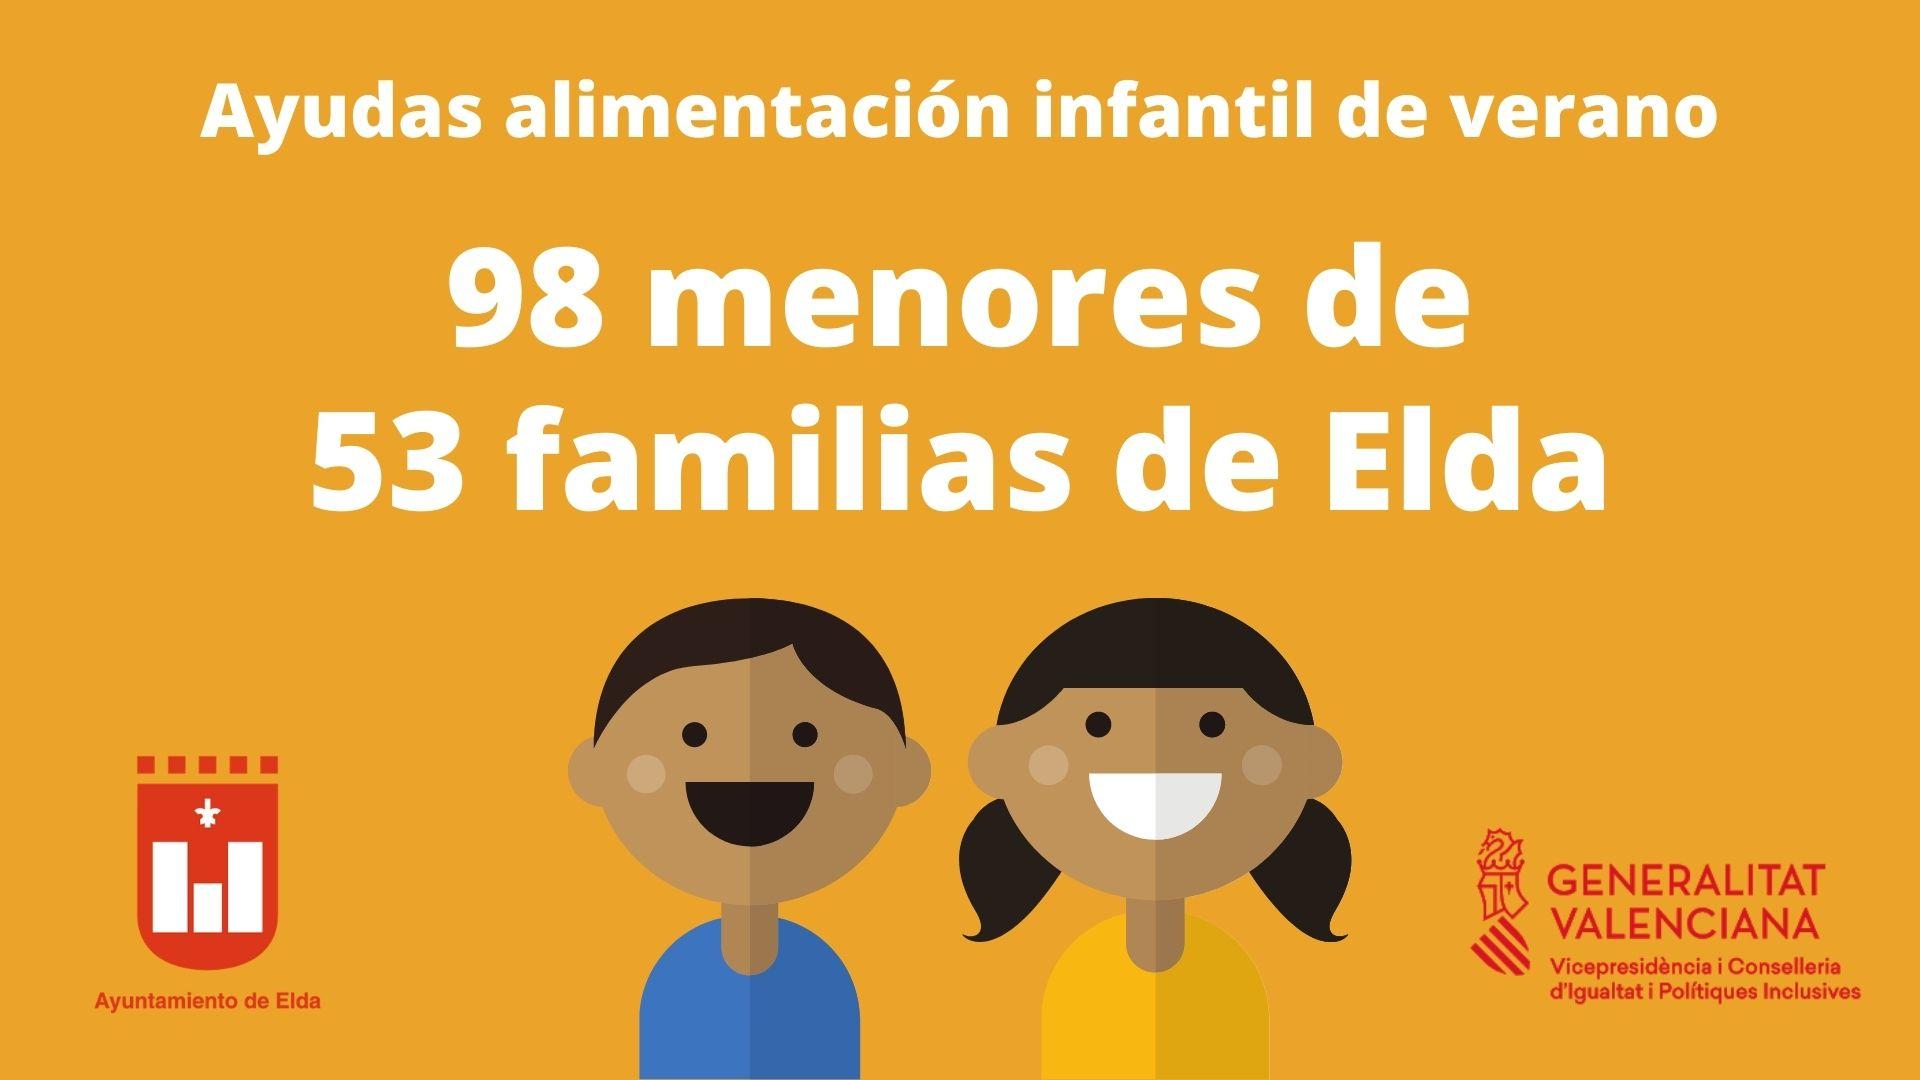 Elda ha garantizado la alimentación infantil de verano a cerca de un centenar de menores de 53 familias sin recursos